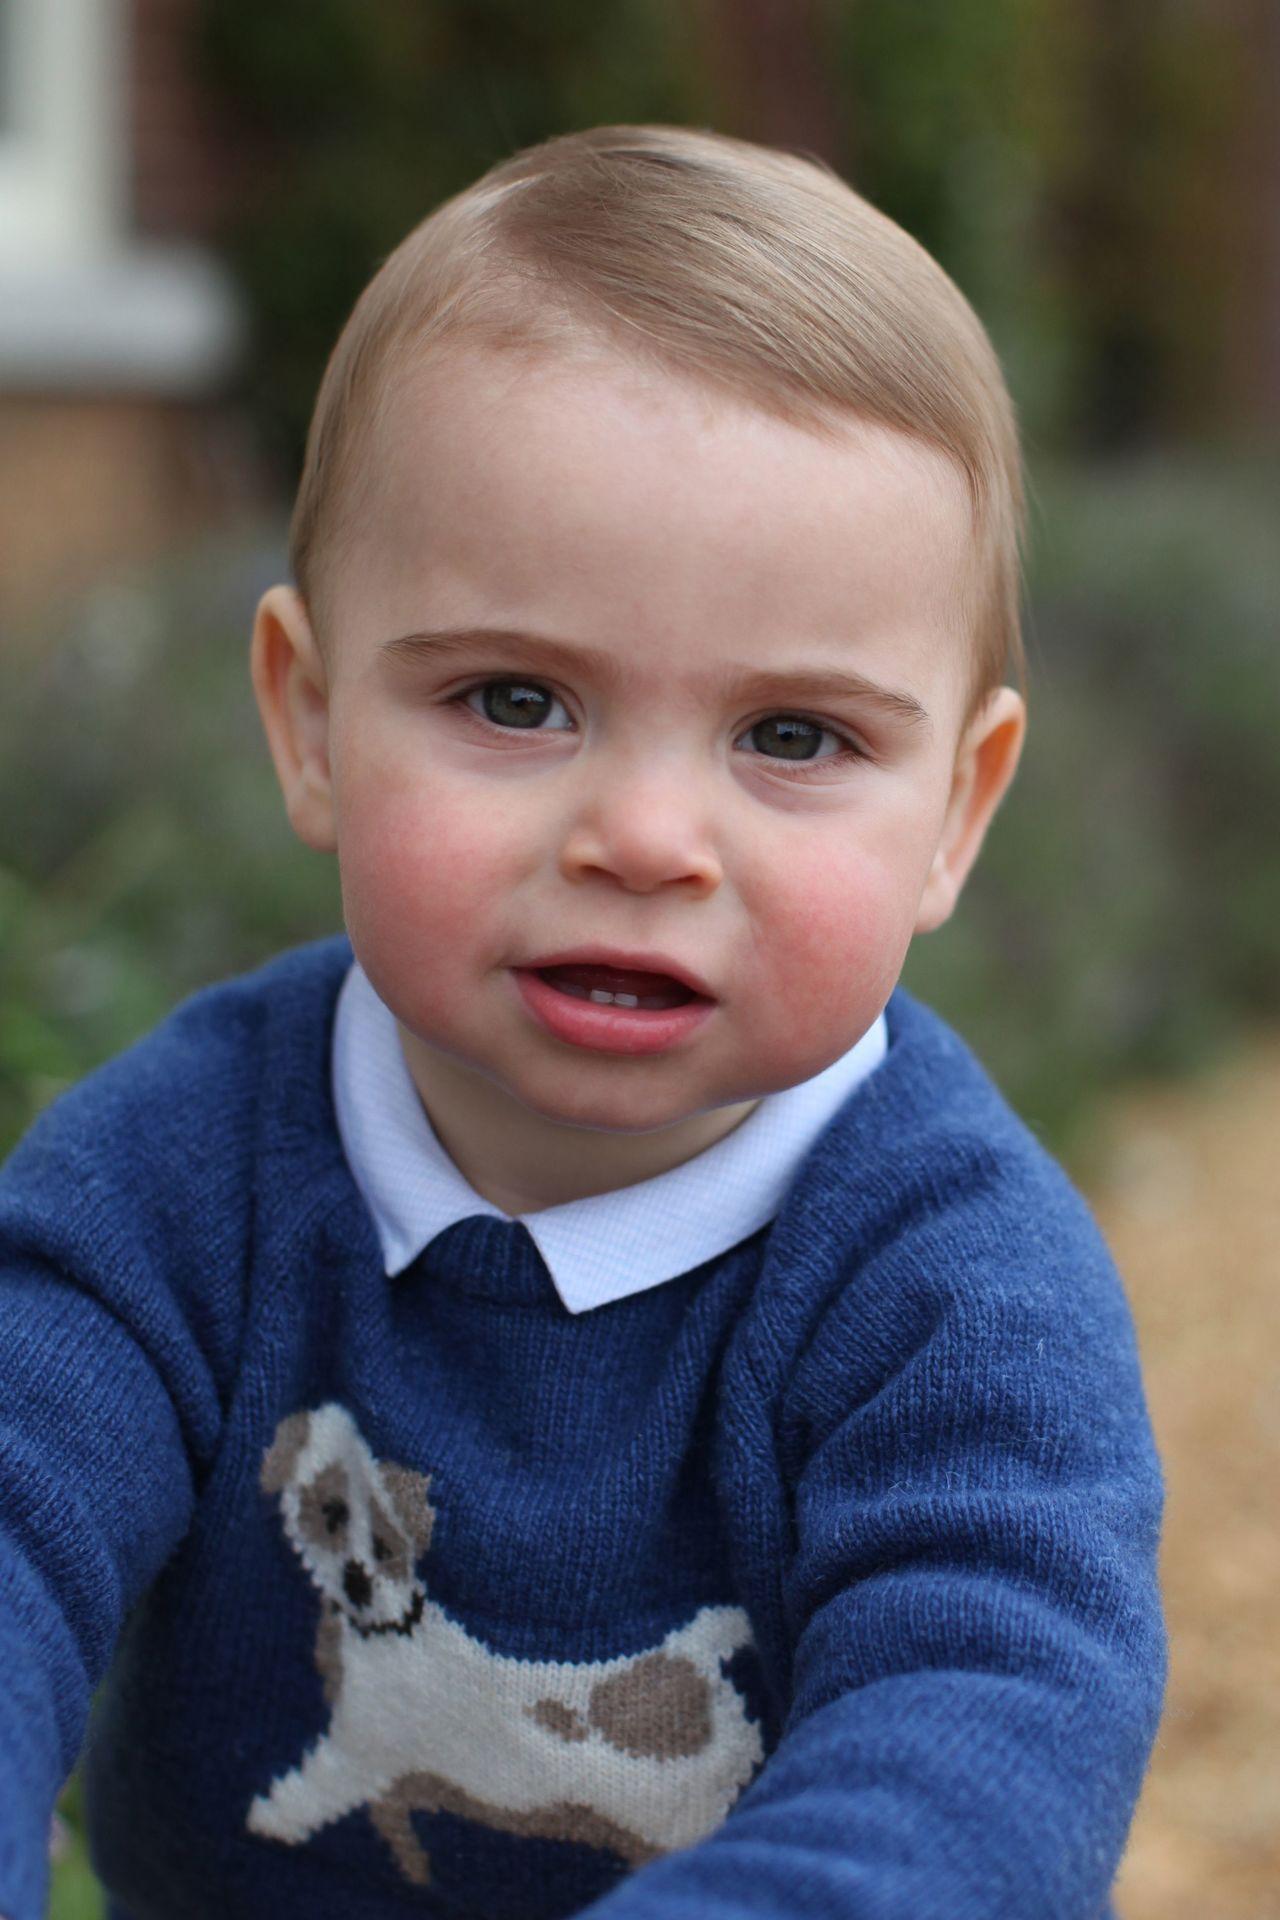 路易王子將滿一歲,肯辛頓宮公布他的照片。法新社